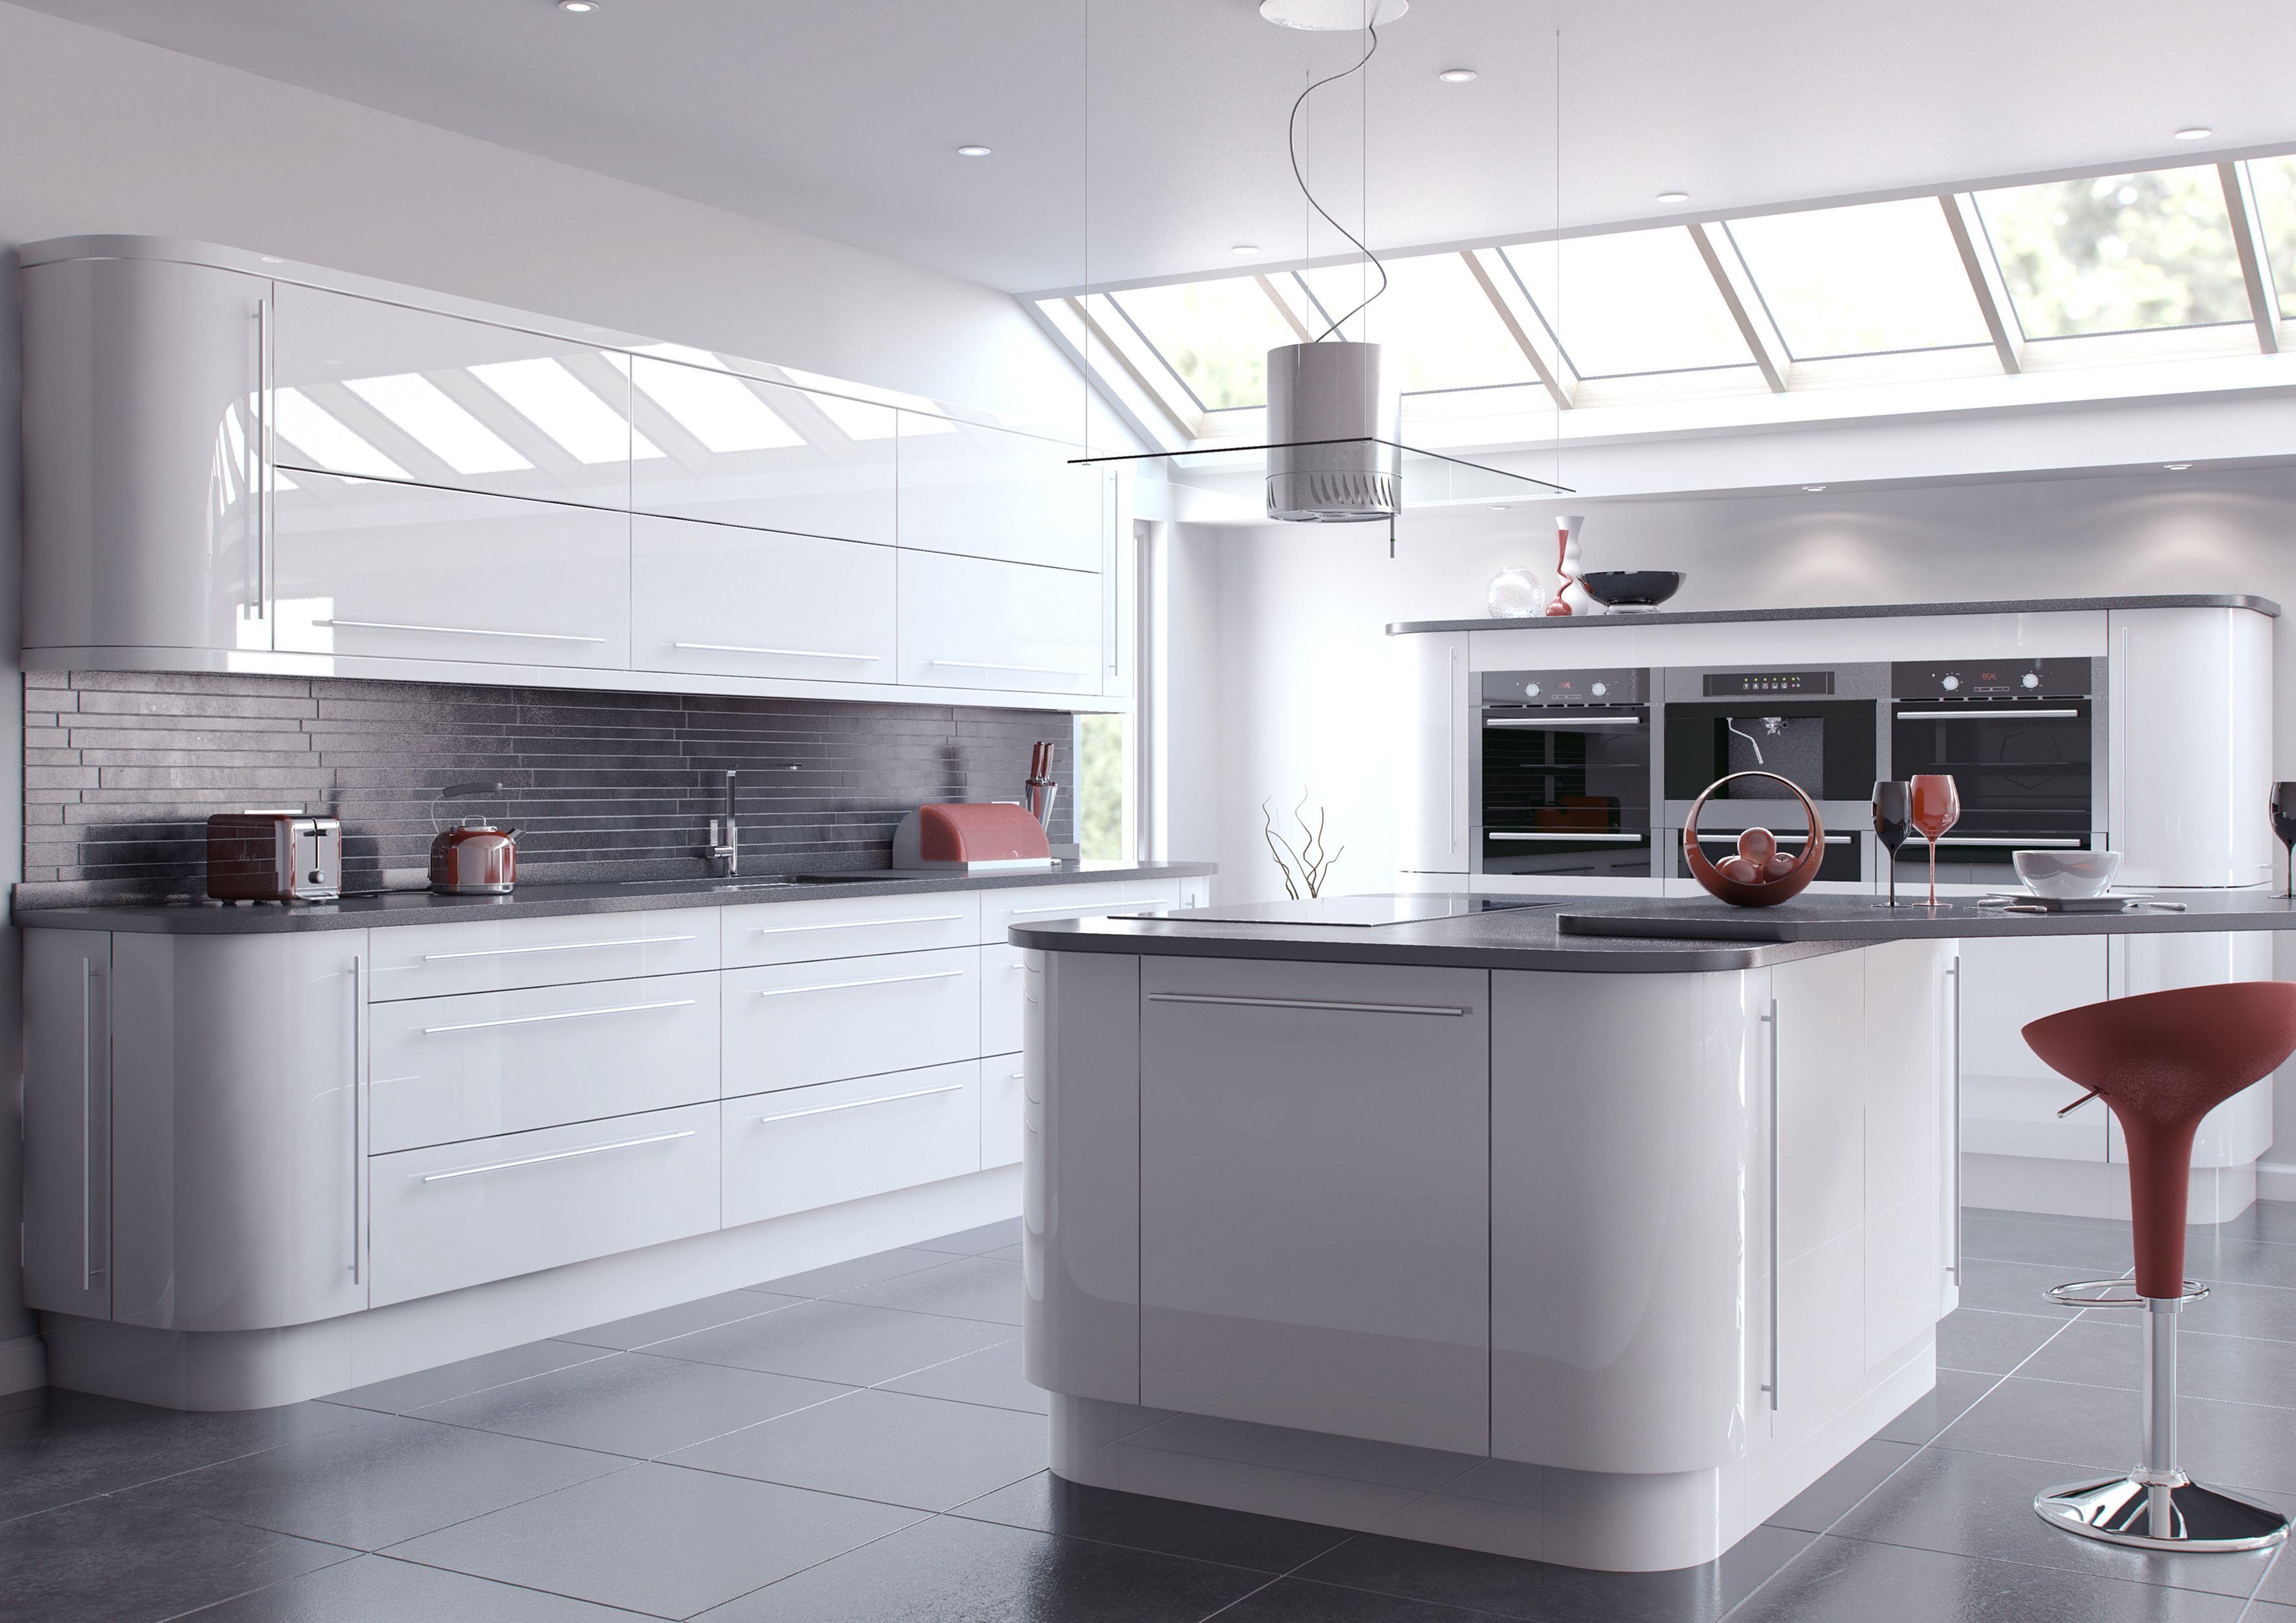 Slab kitchen cabinets  White Slab Door Kitchen Cabinets  franzdondi  Pinterest